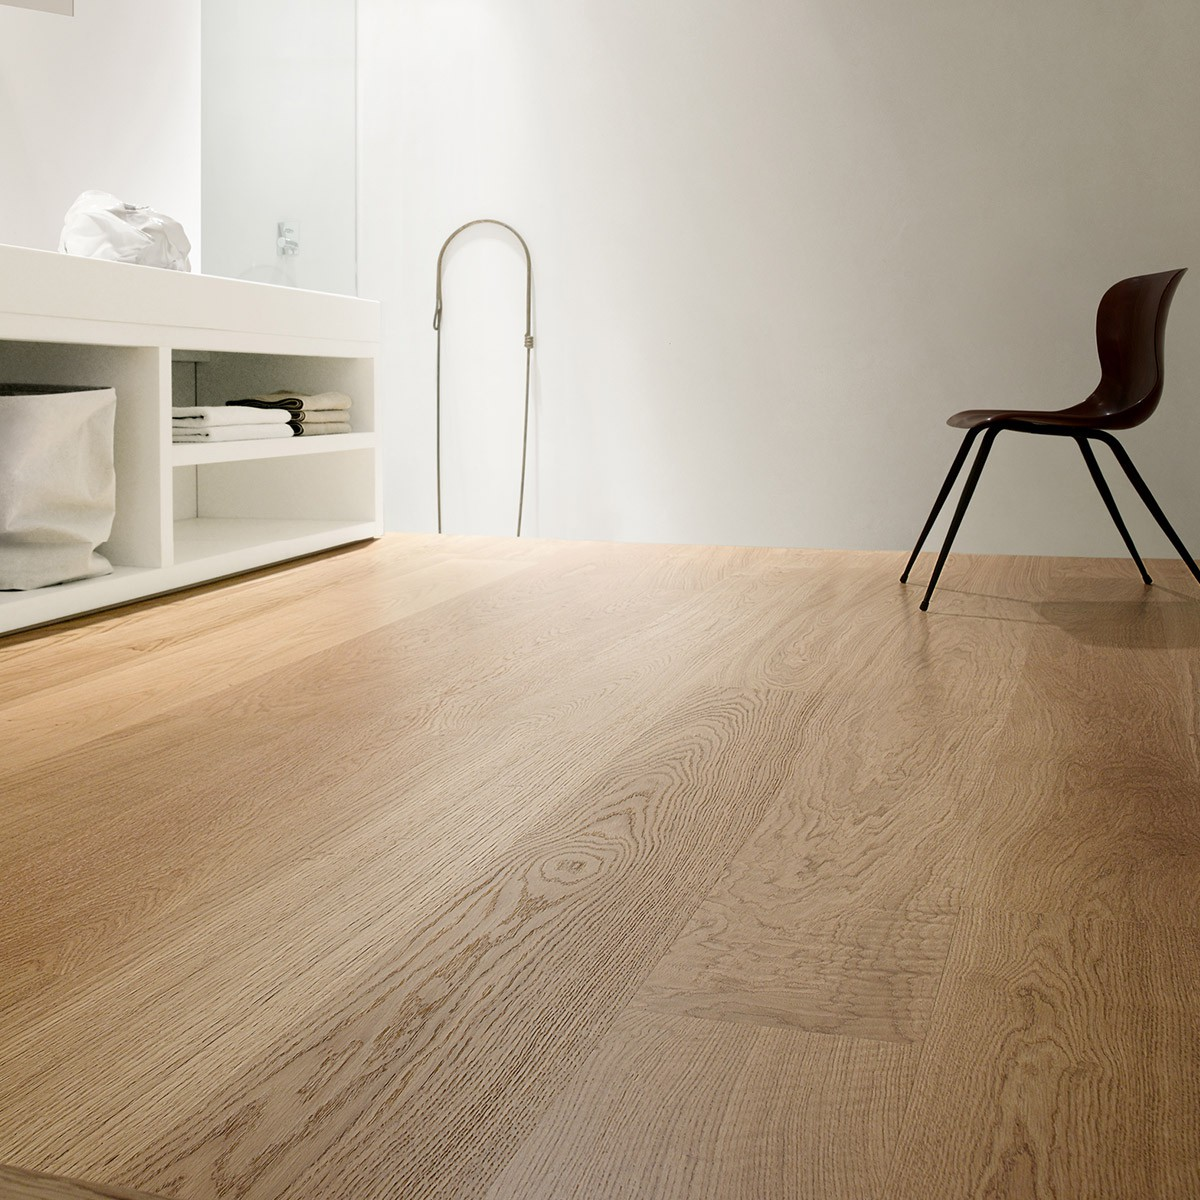 Dąb Puro - parkiet drewniany z kolekcji Classica Listone Giordano